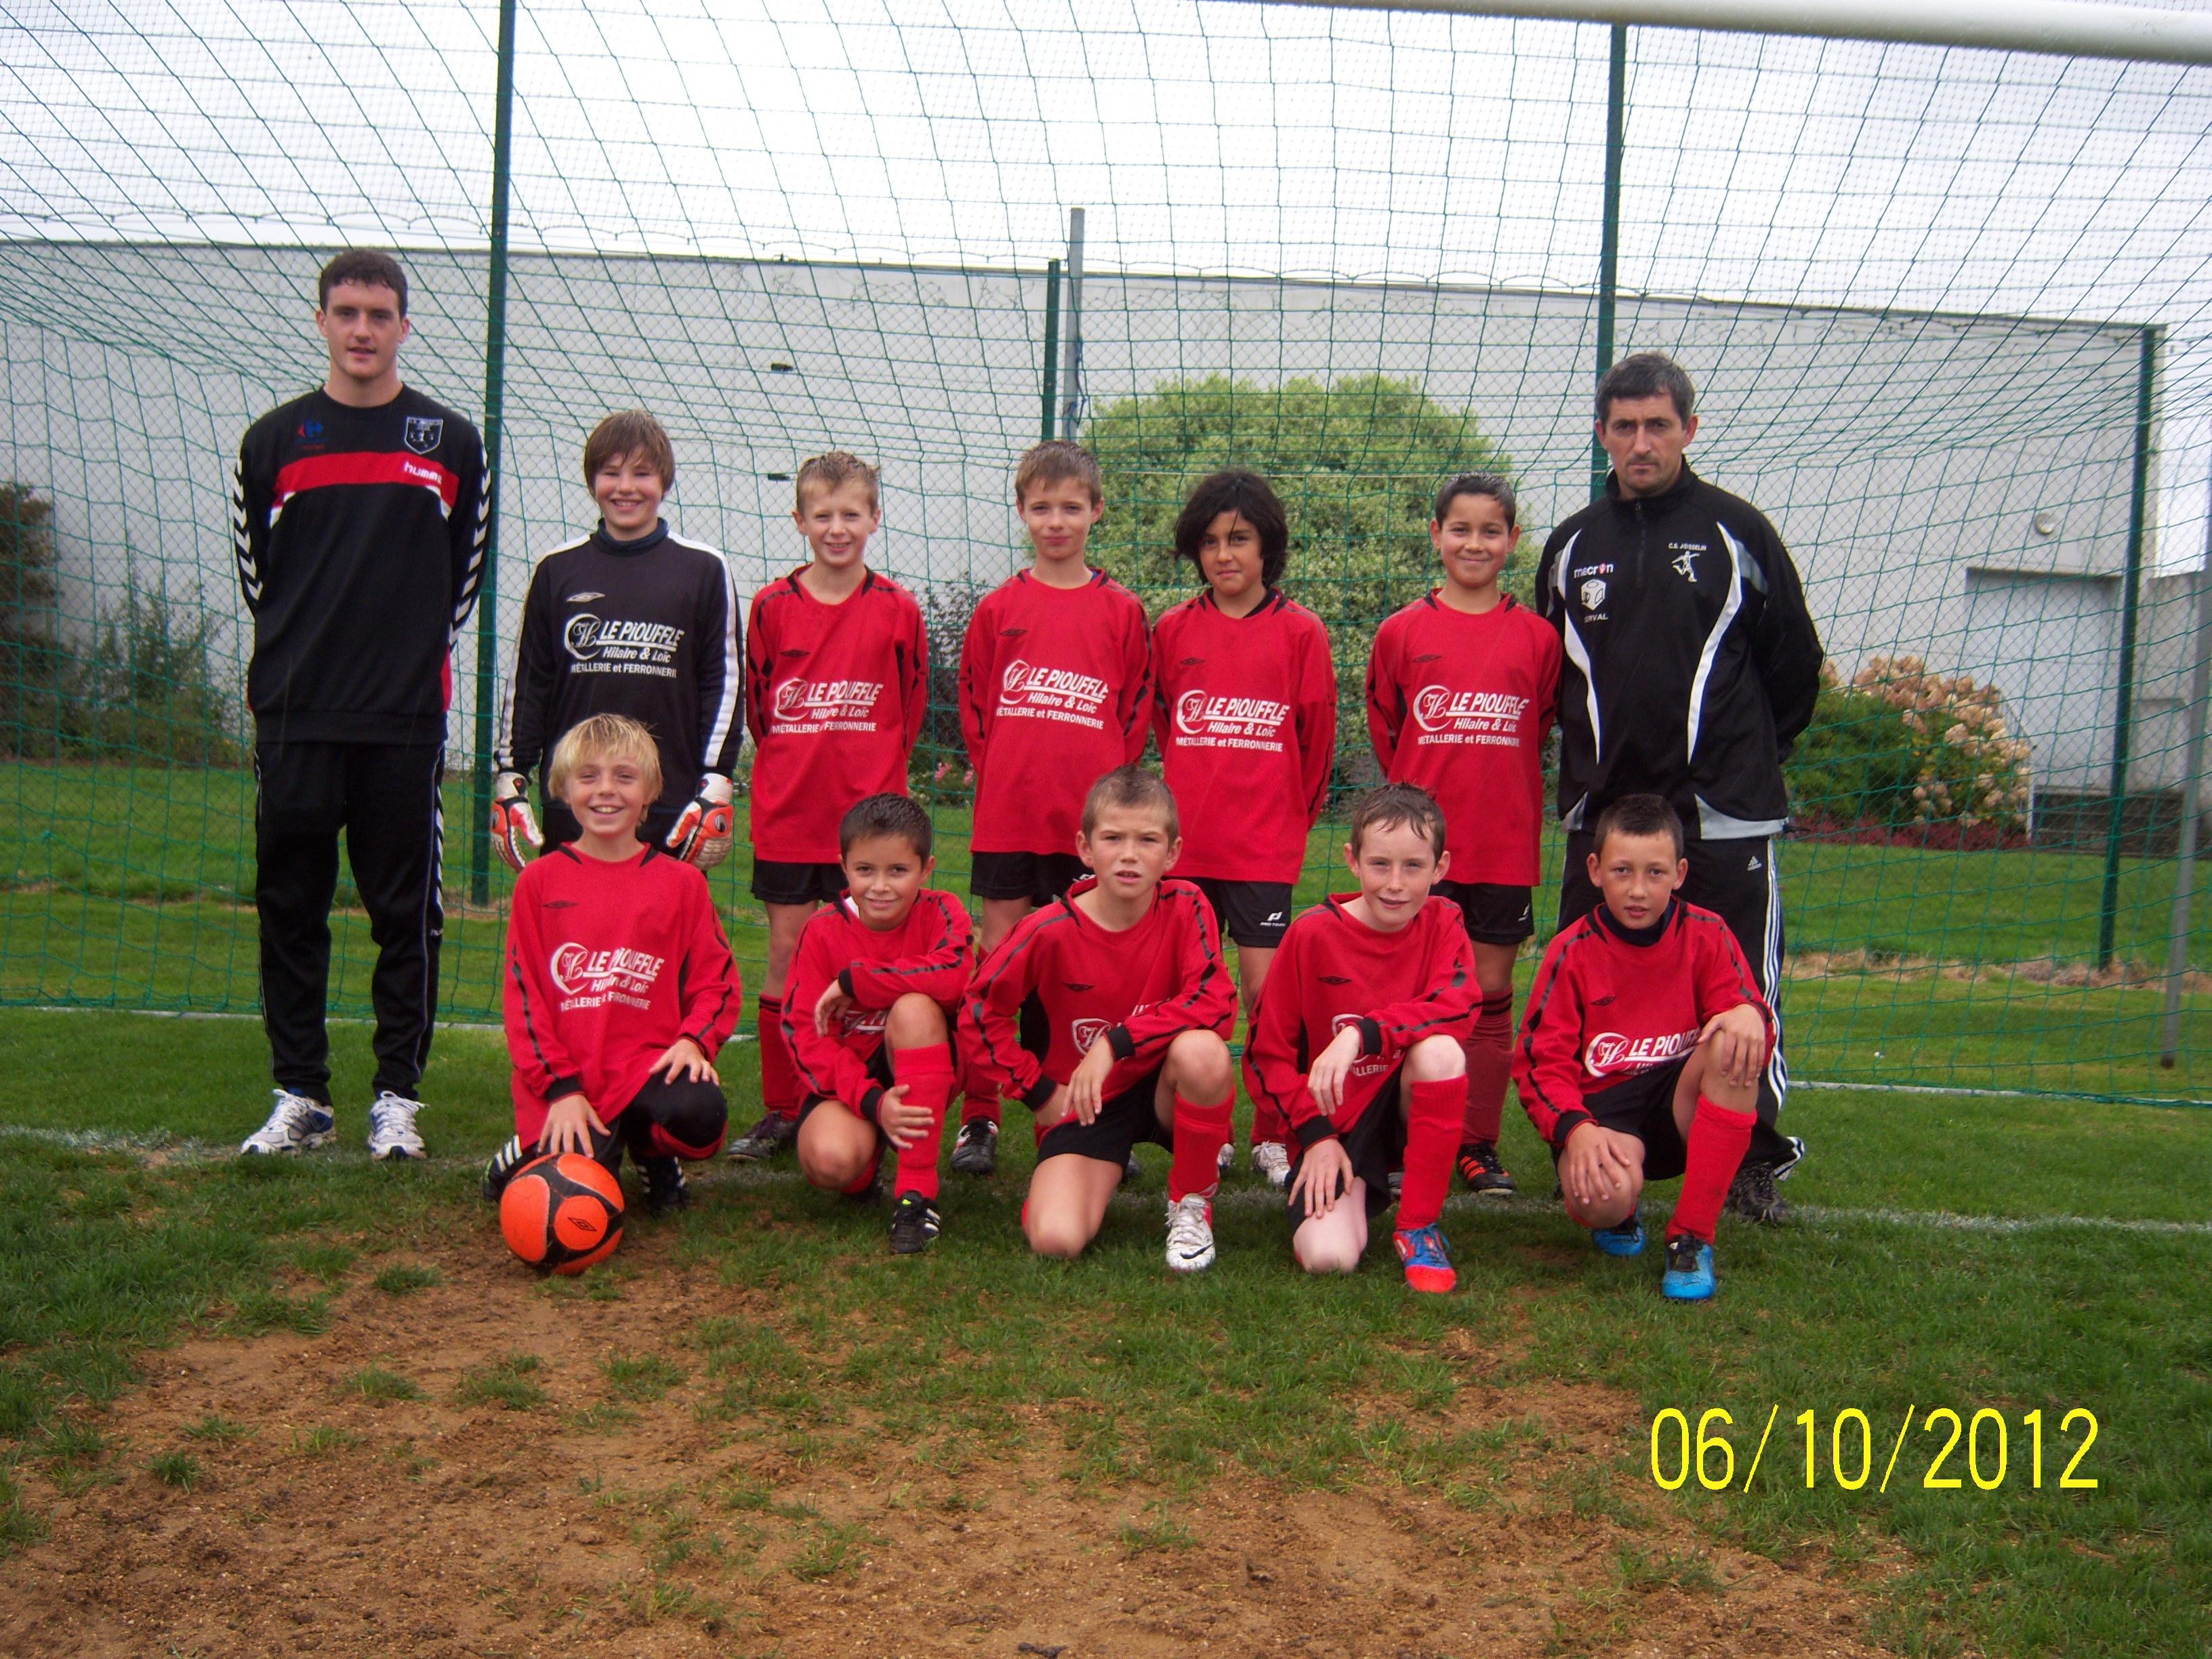 Équipe U11 A de l'école de football du C.S. JOSSELINAIS - saison de football 2012/2013 en cours